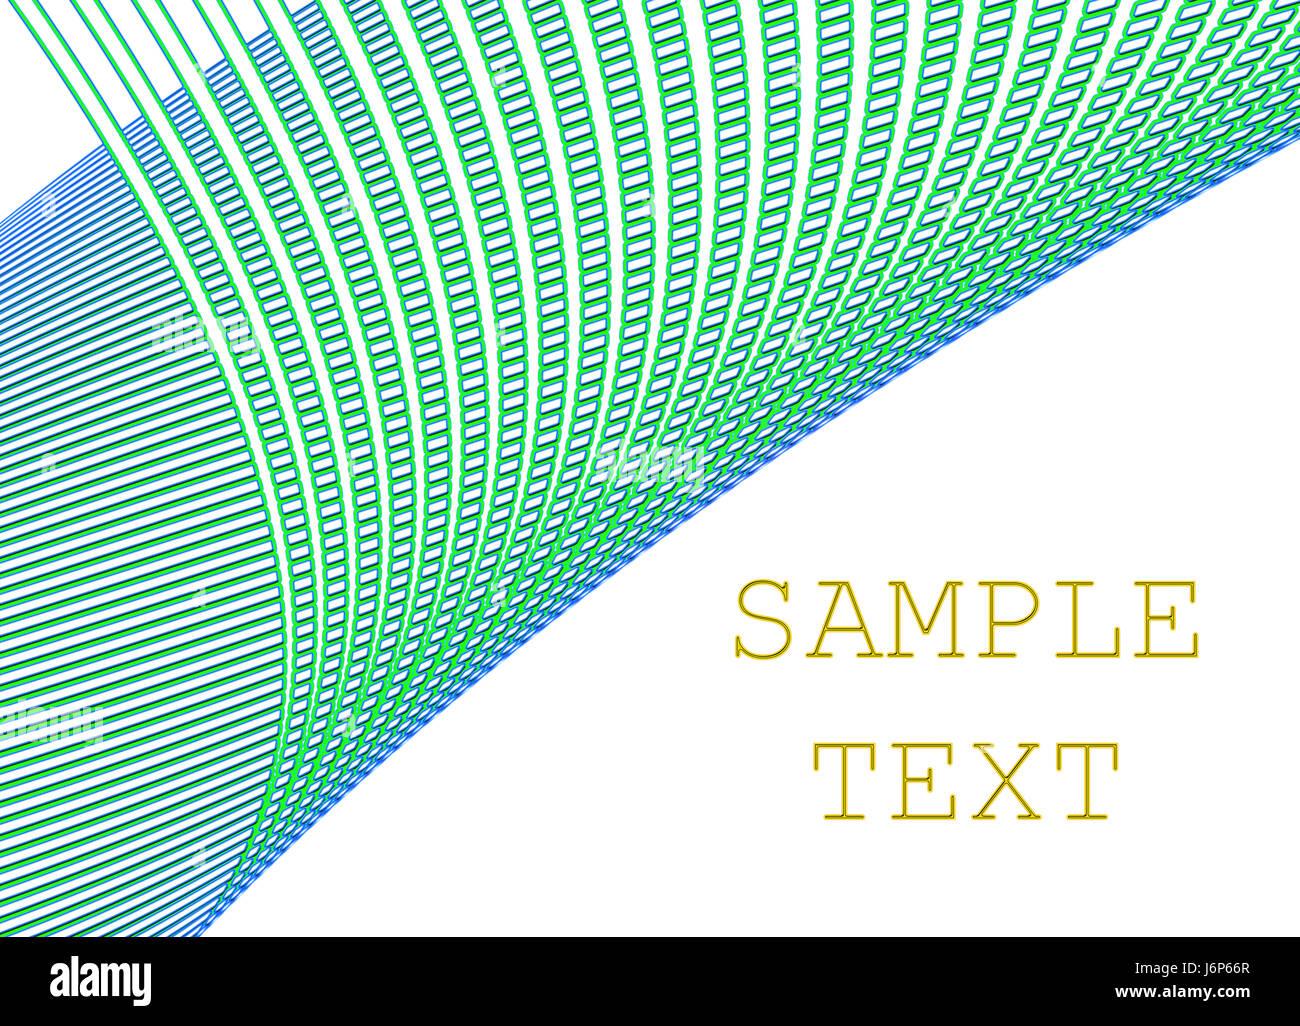 Carte De Visite Affiche Toile Fond Bleu Briller Texture Marketing